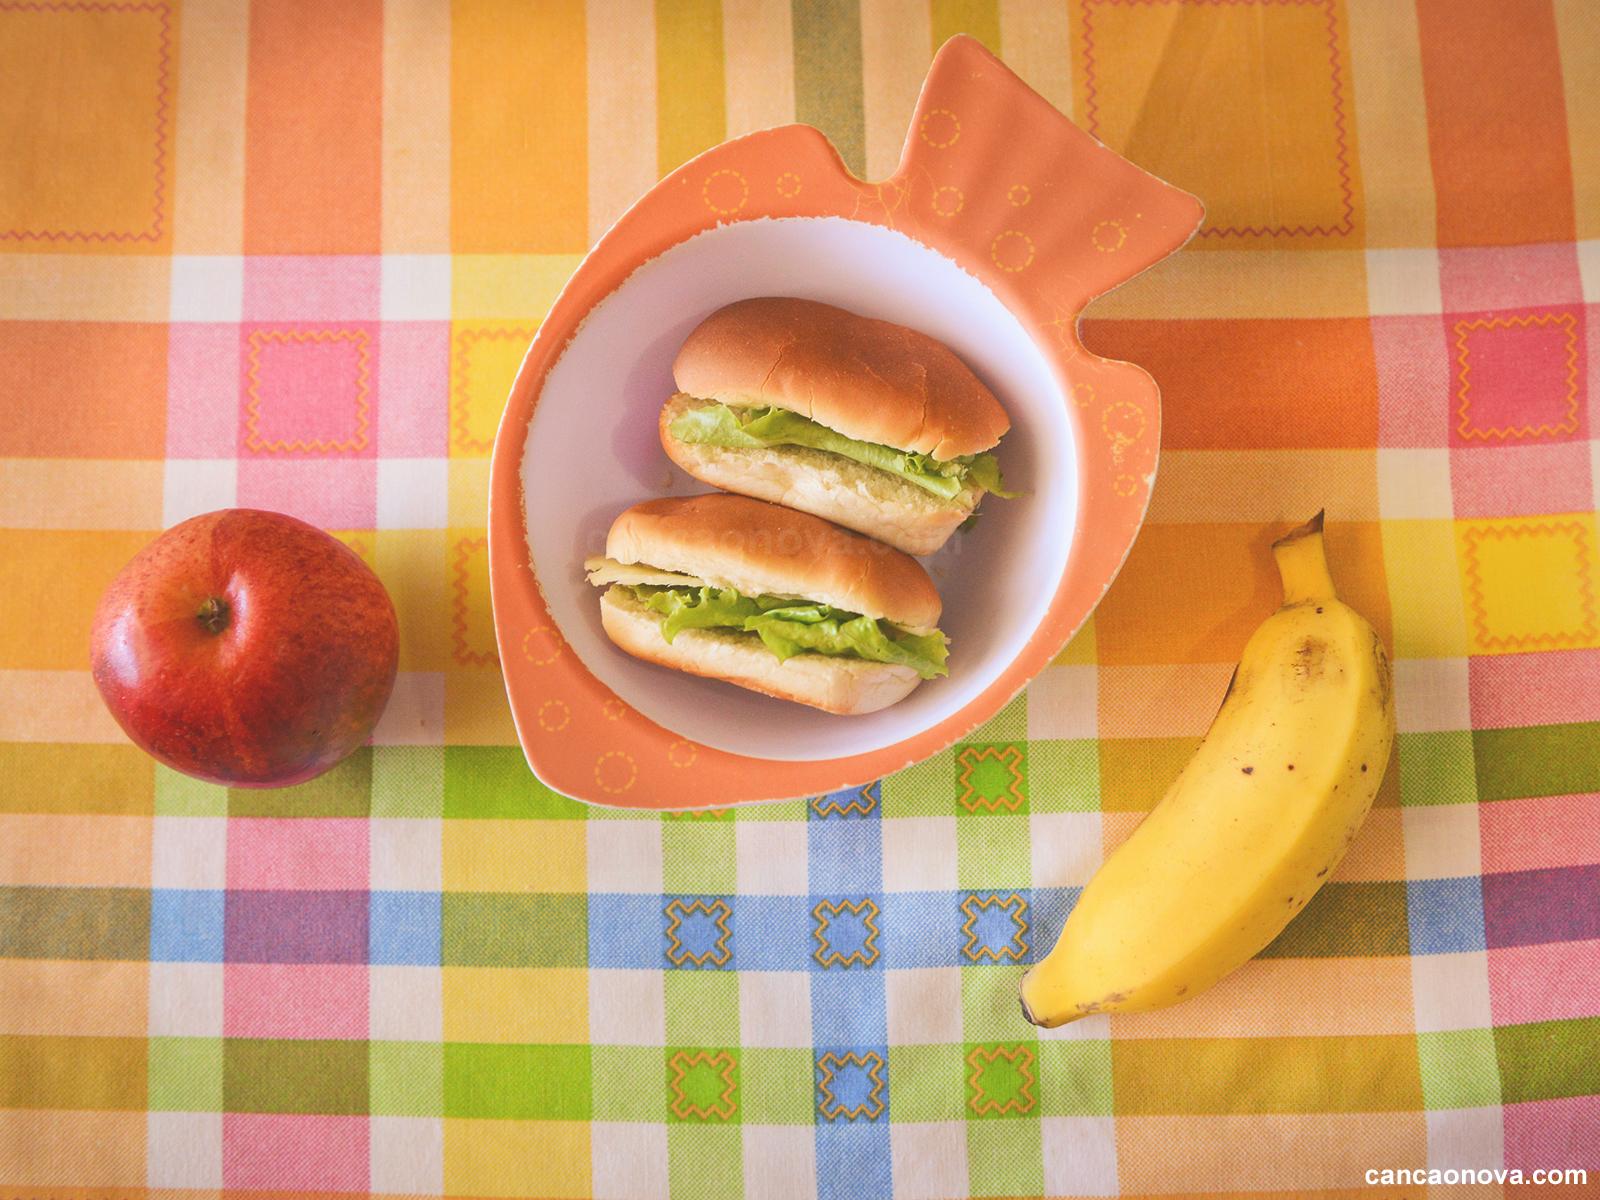 Quais alimentos usar no lanche do meu filho - 1600x1200